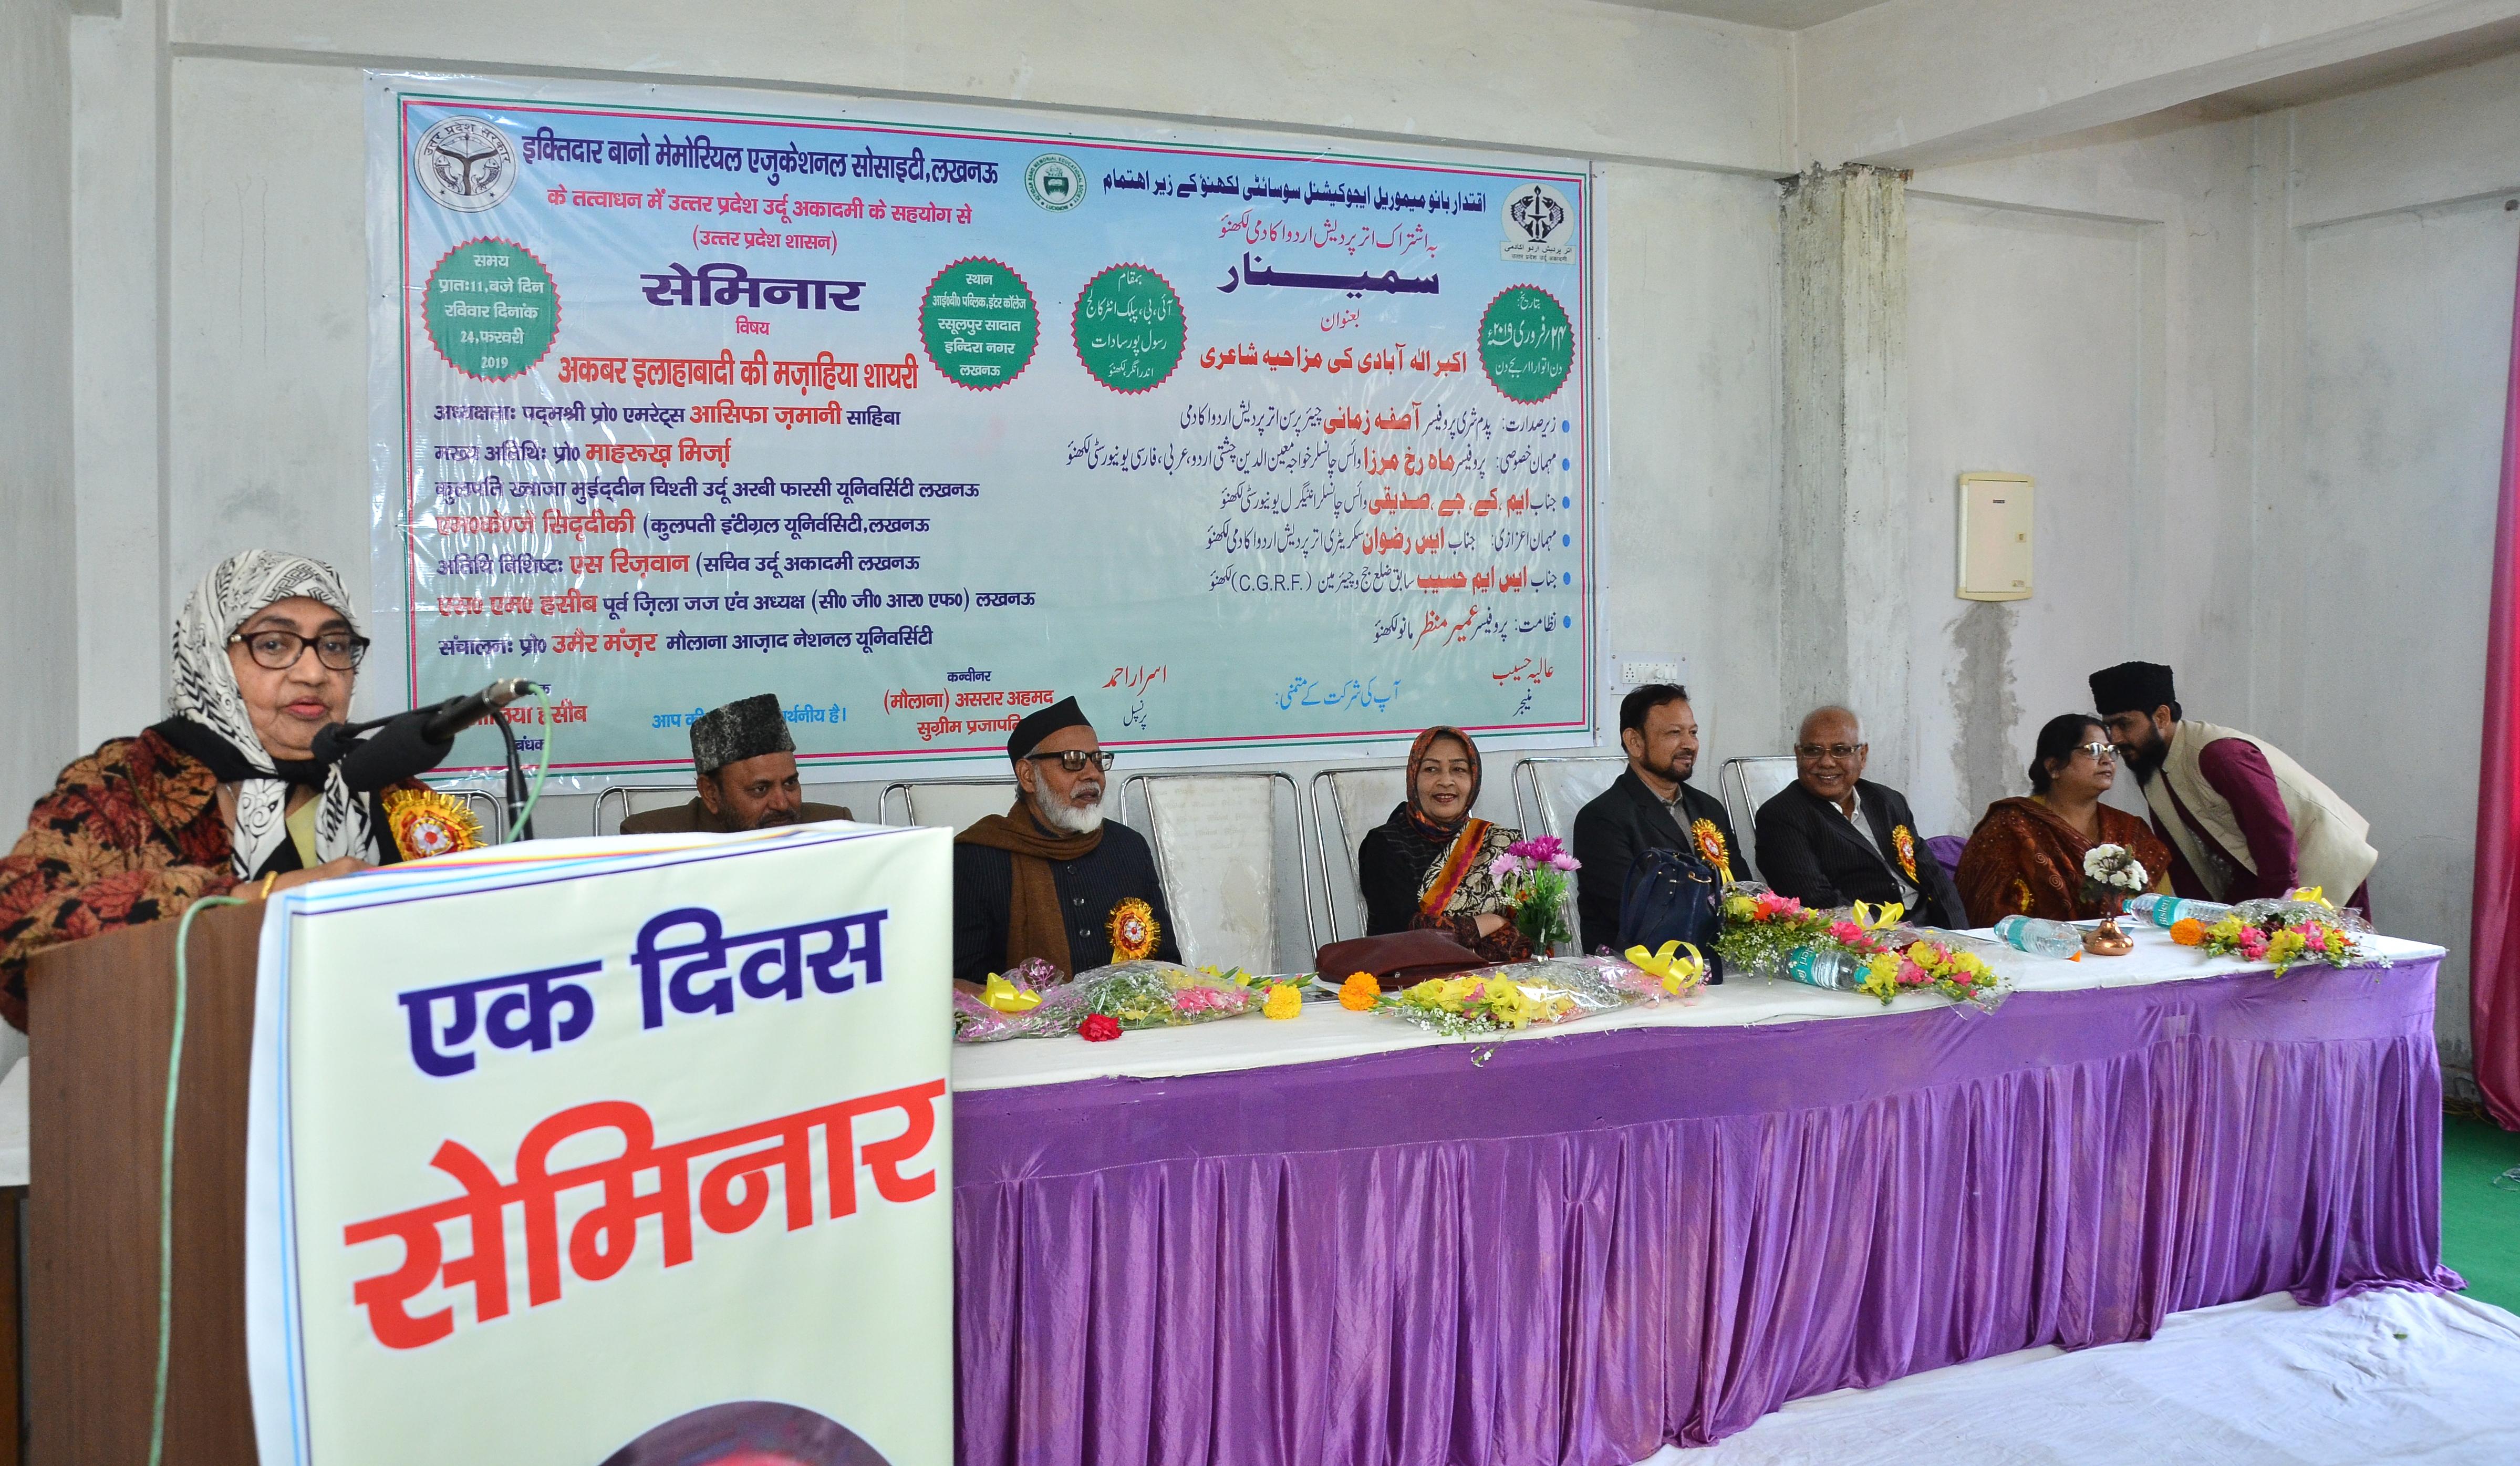 आह पुलवामा के शहीद - राष्टीर्य एकता अधिवेशन में सभी धर्मो के धर्म गुरुओं ने आतंकवाद की निंदा की